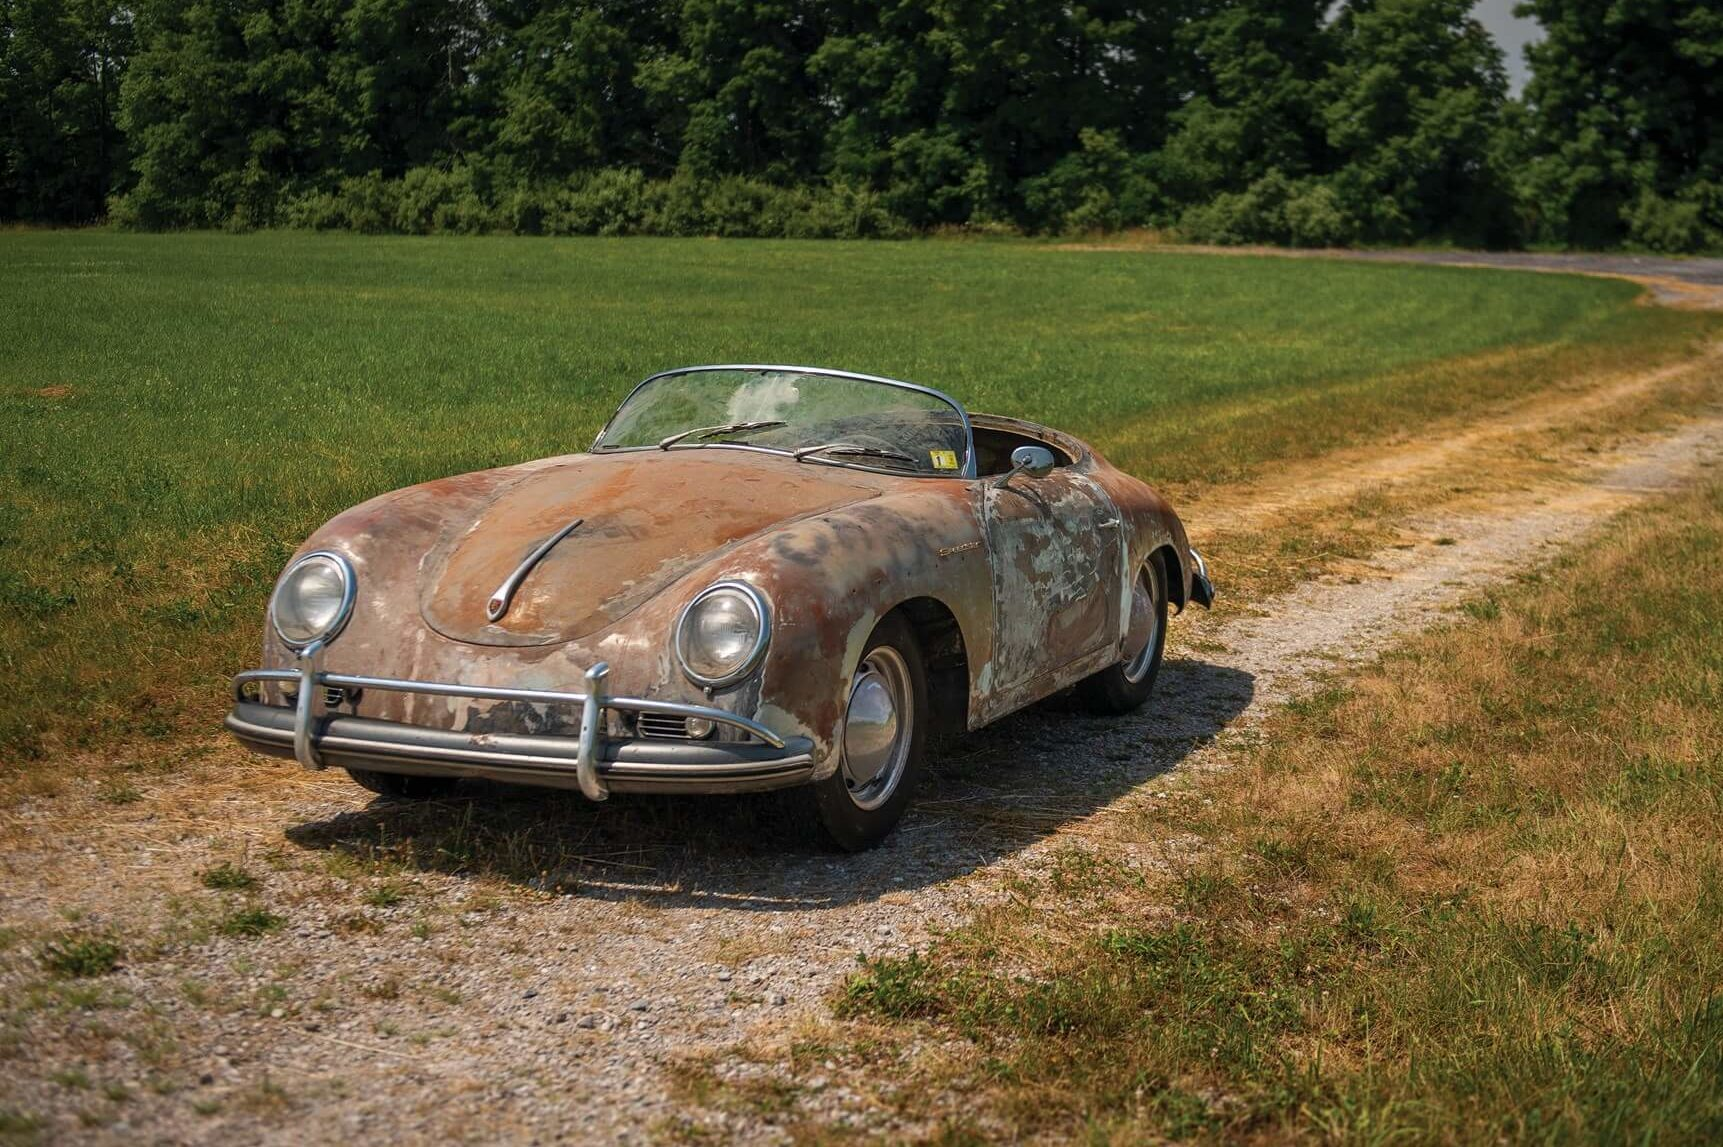 1958 Porsche 356 A 1600 Super Speedster Reutter